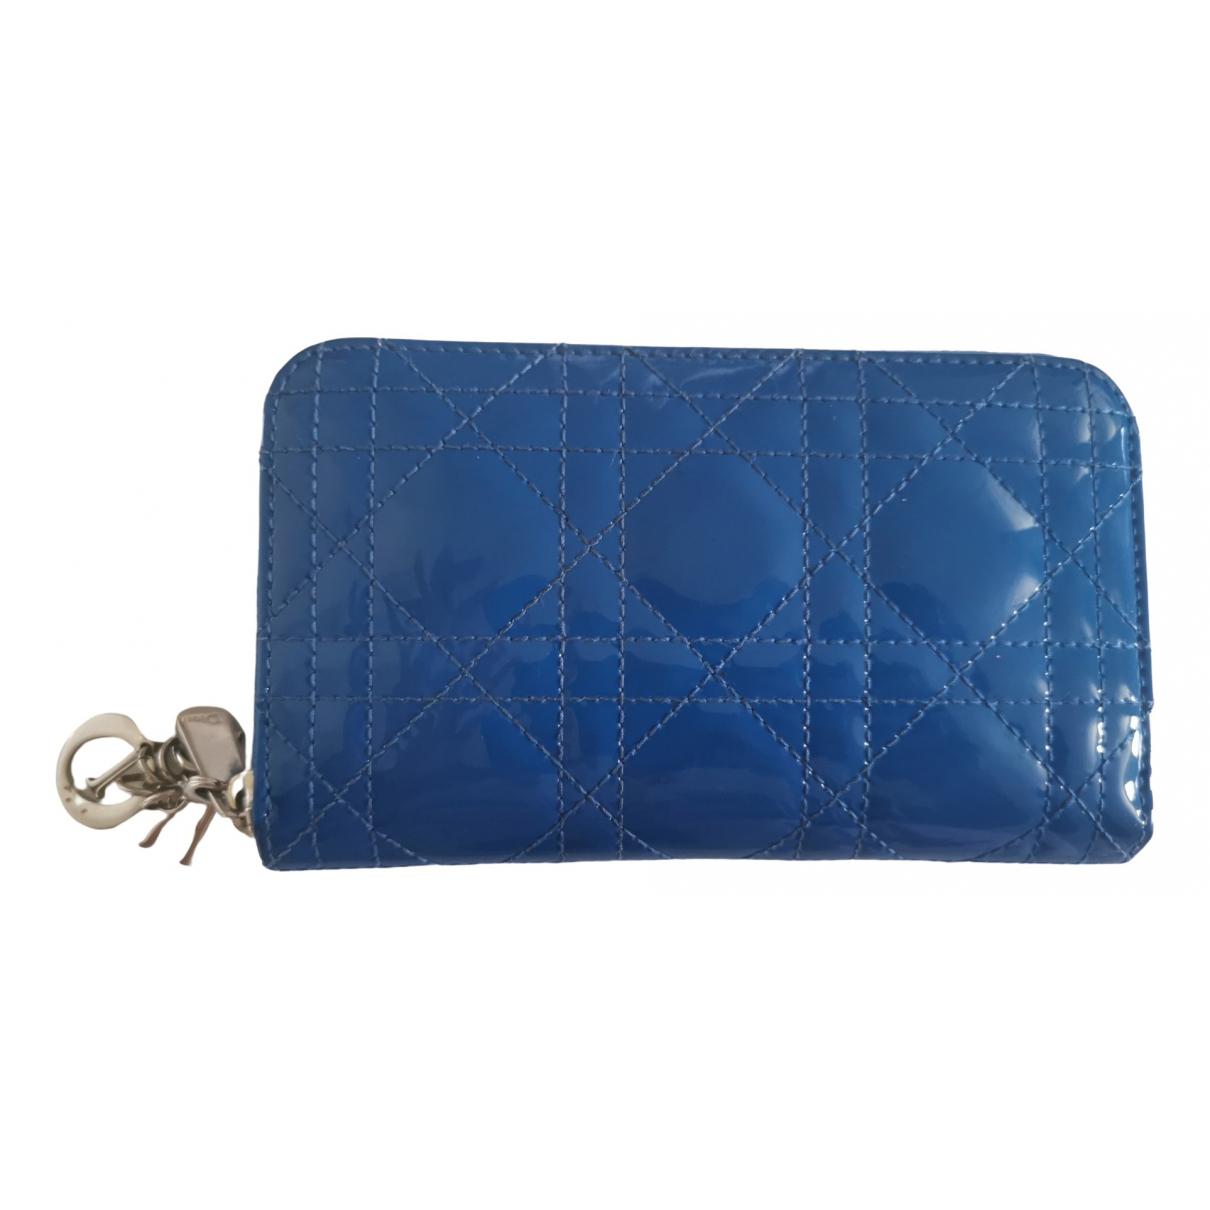 Dior - Portefeuille Lady Dior pour femme en cuir verni - bleu